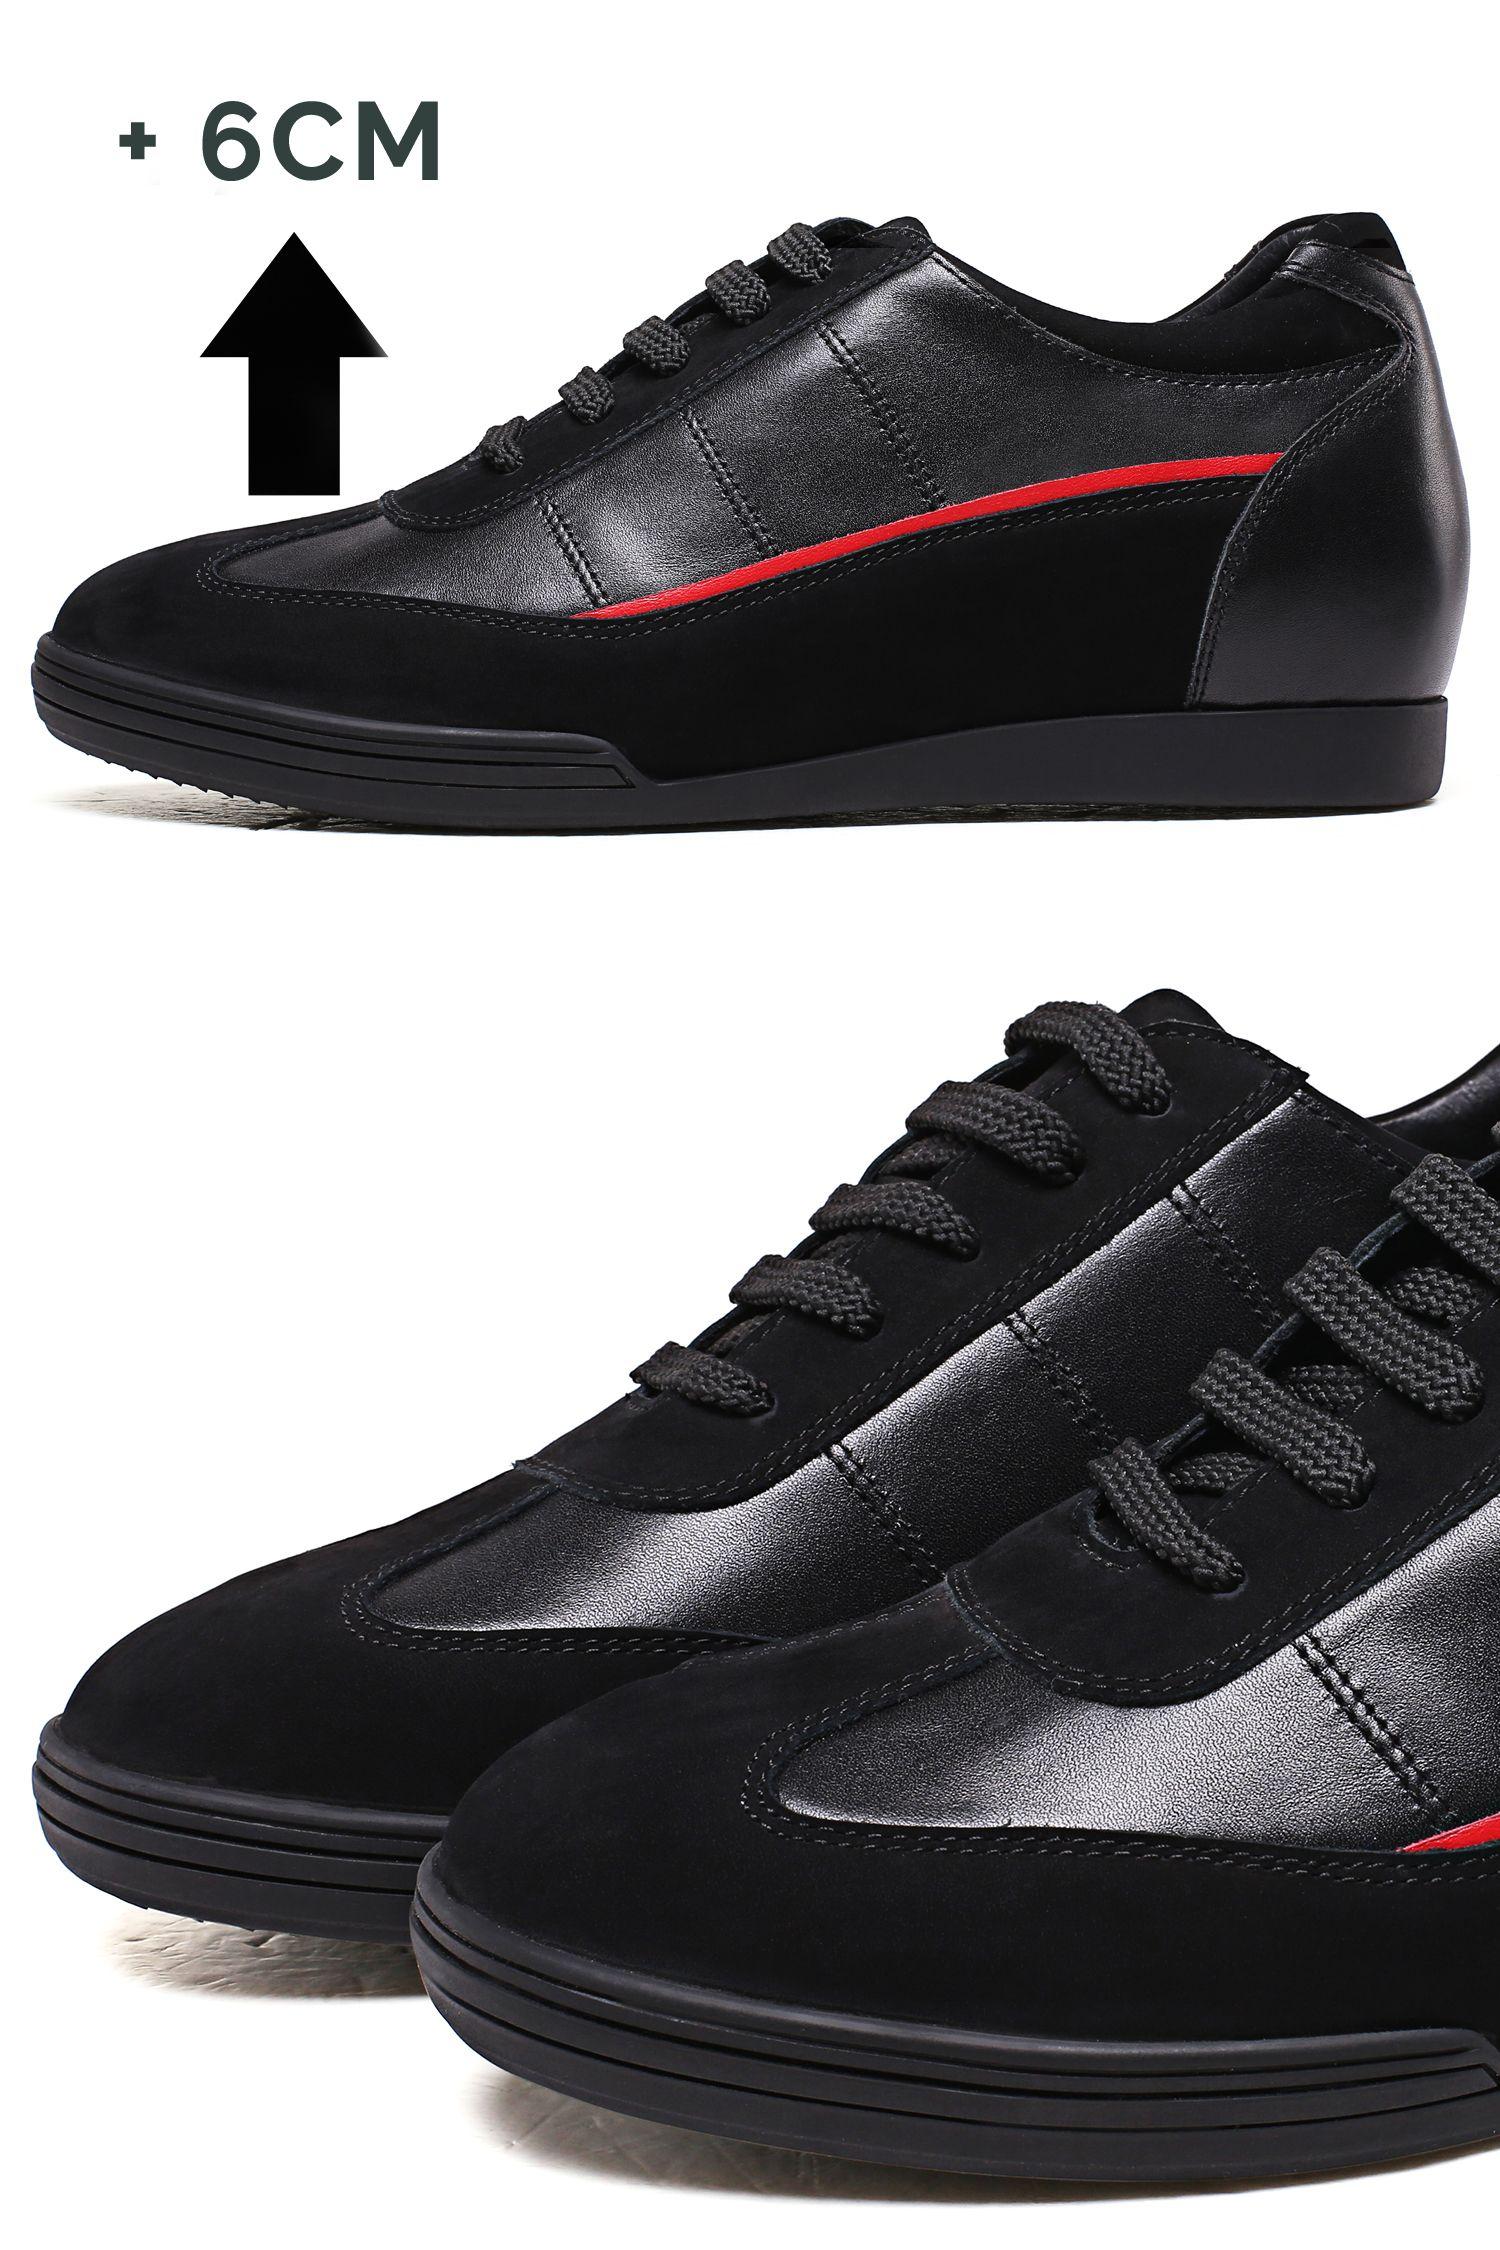 Codzienne Modne Buty Podwyzszajace Wzrost O 6cm Black Sneaker All Black Sneakers Sneakers